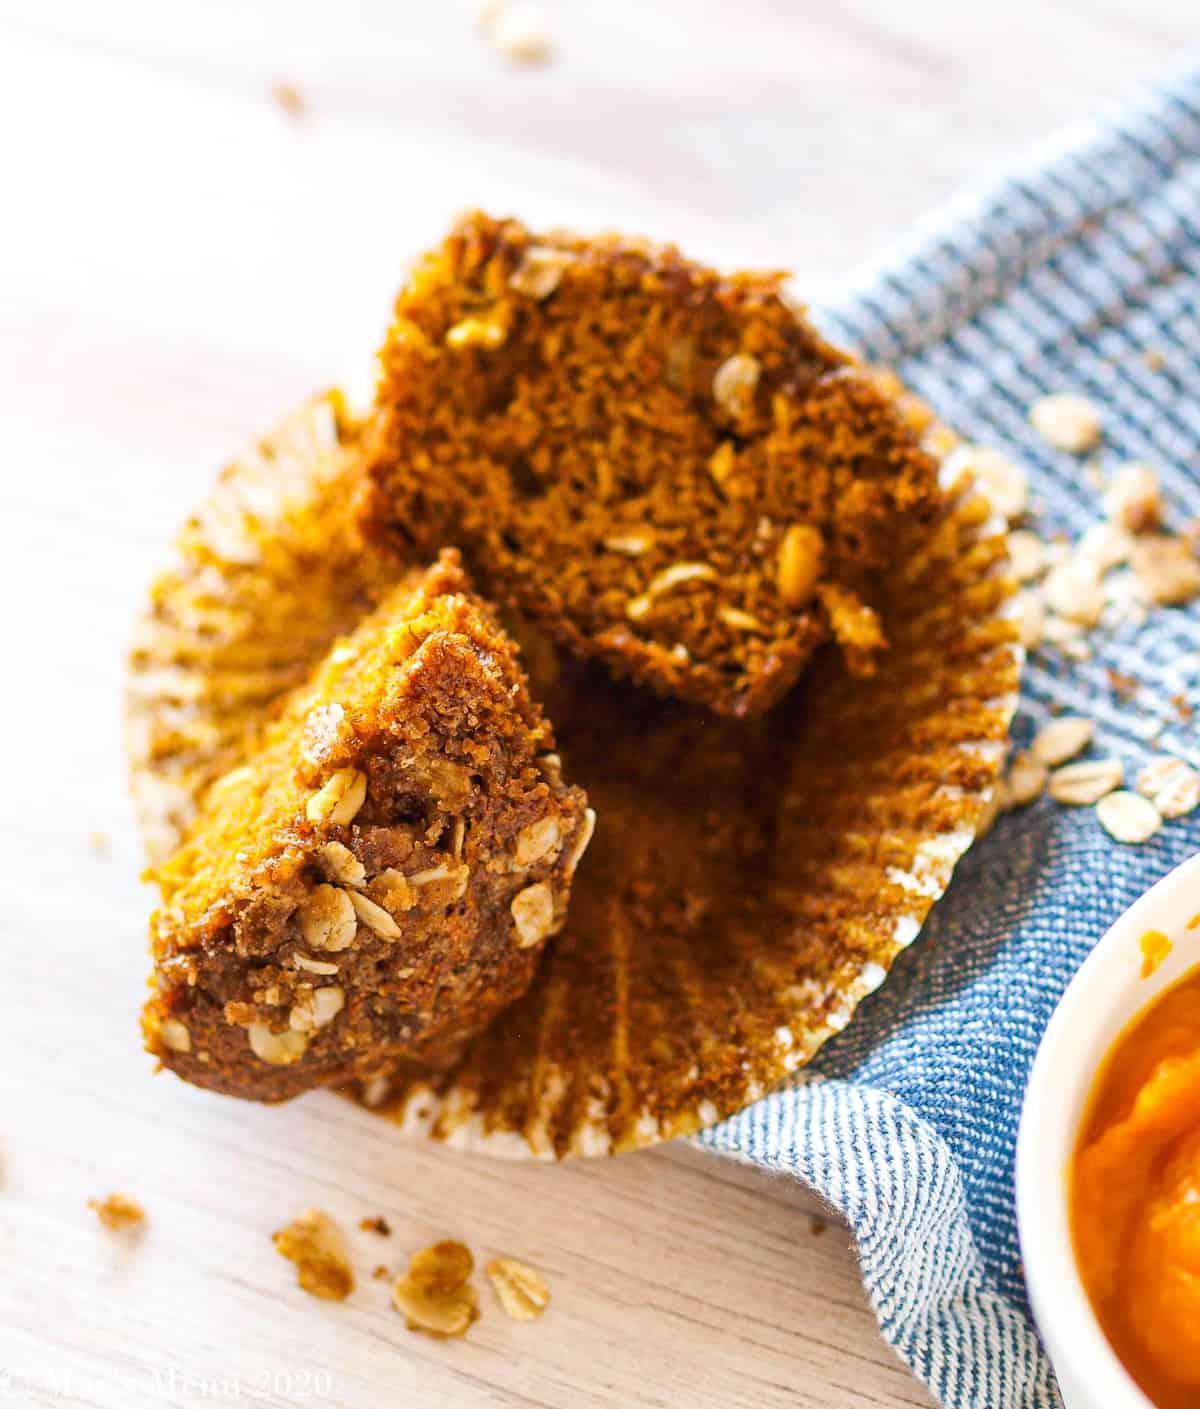 A split gluten-free pumpkin muffin next to a dish of pumpkin